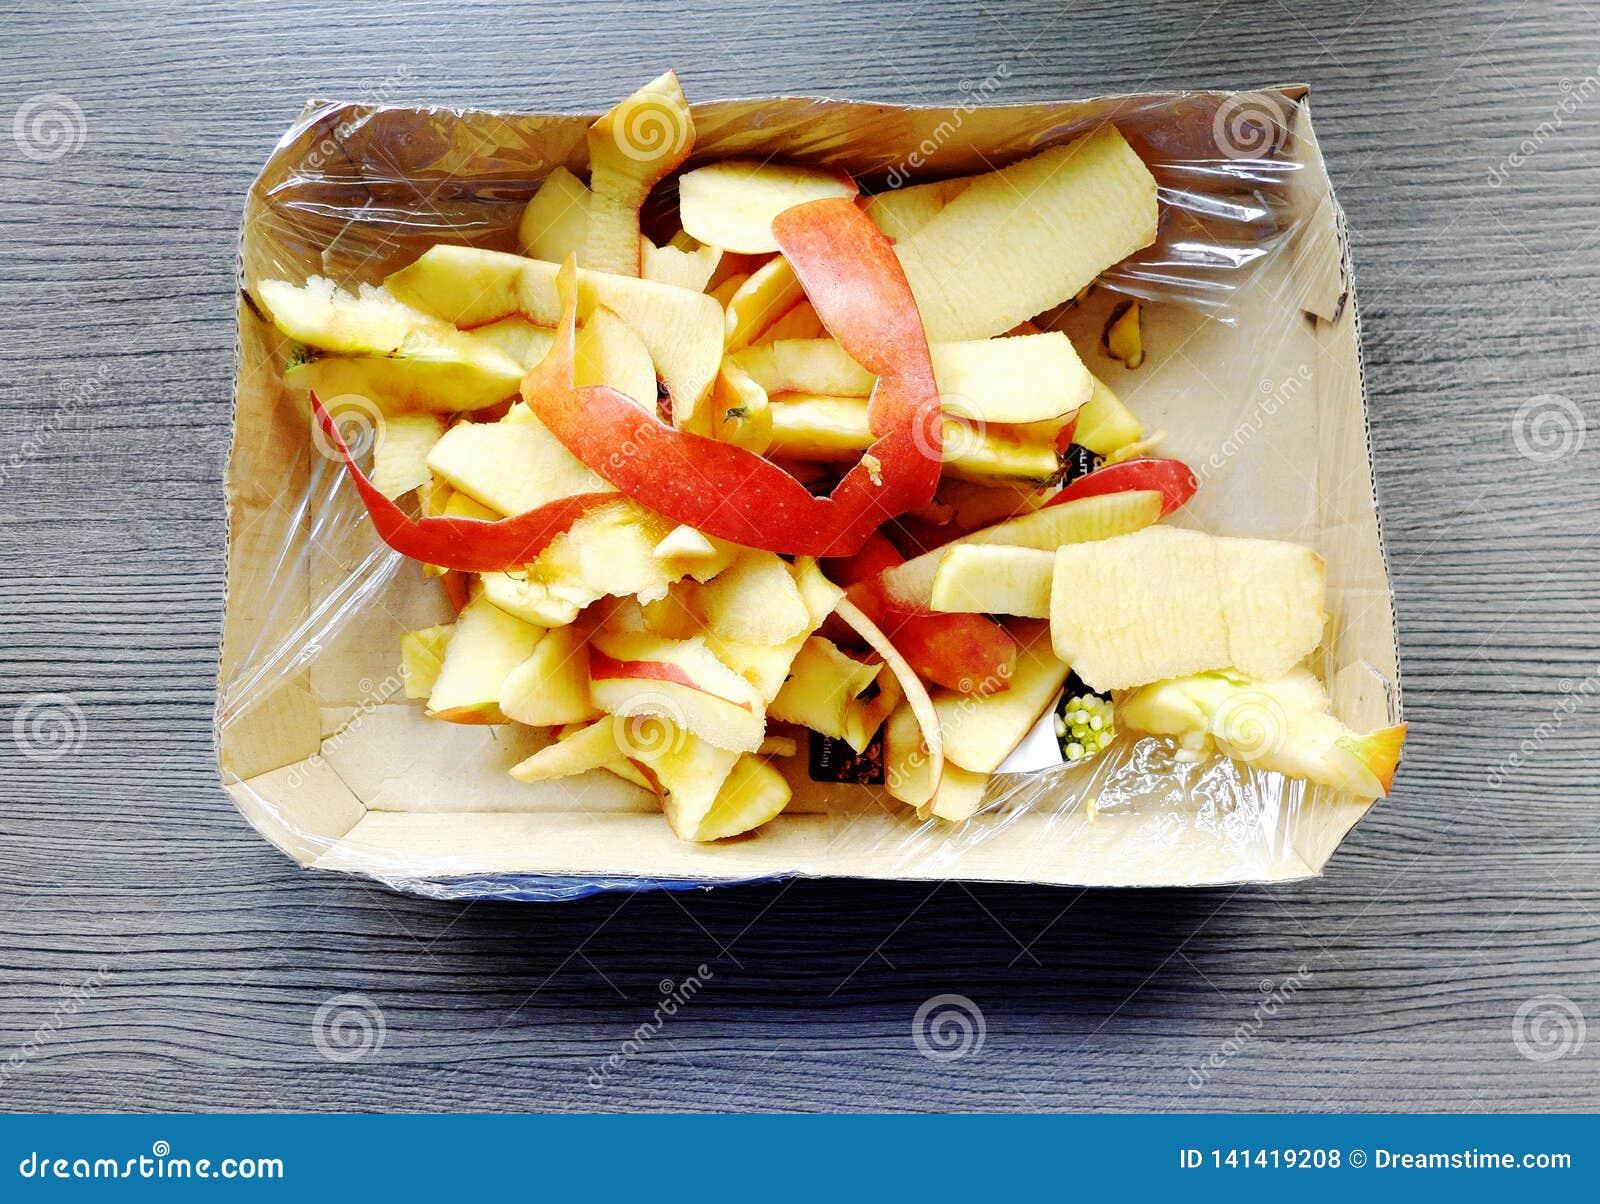 Haut eines Apfels in einem Paket mit einer Plastikfolie